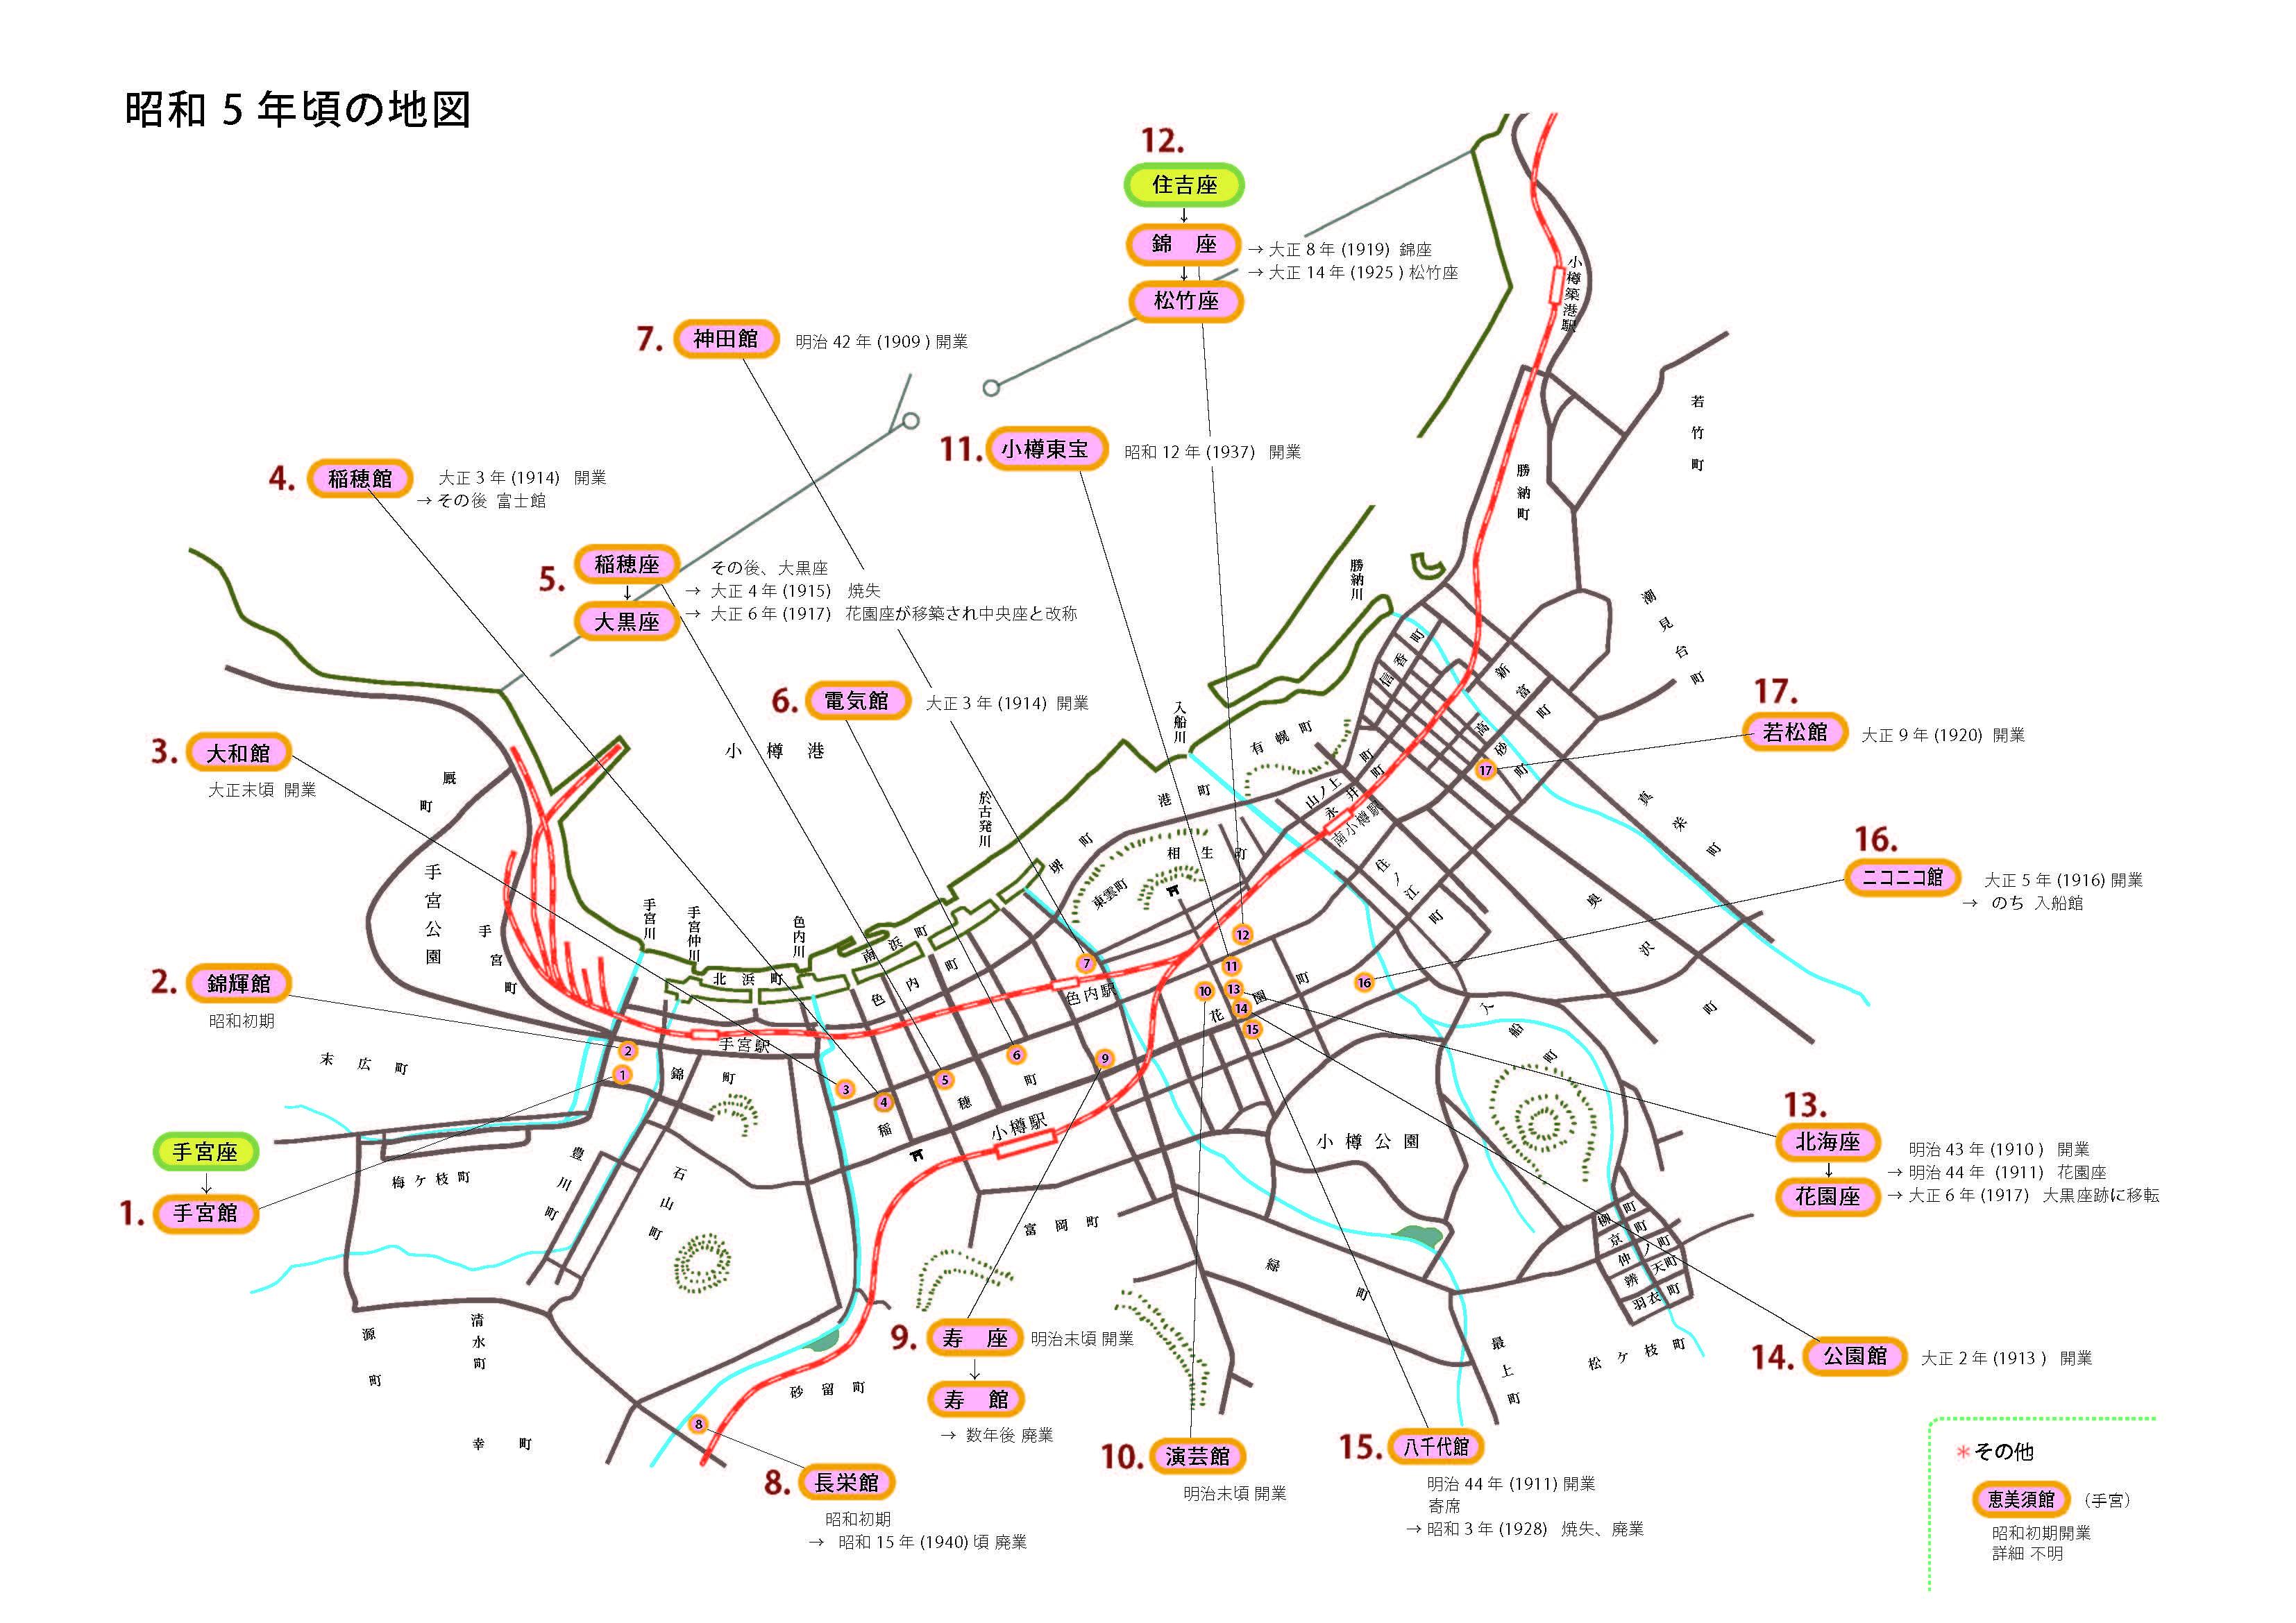 小樽の演芸館地図(大正〜昭和初期)